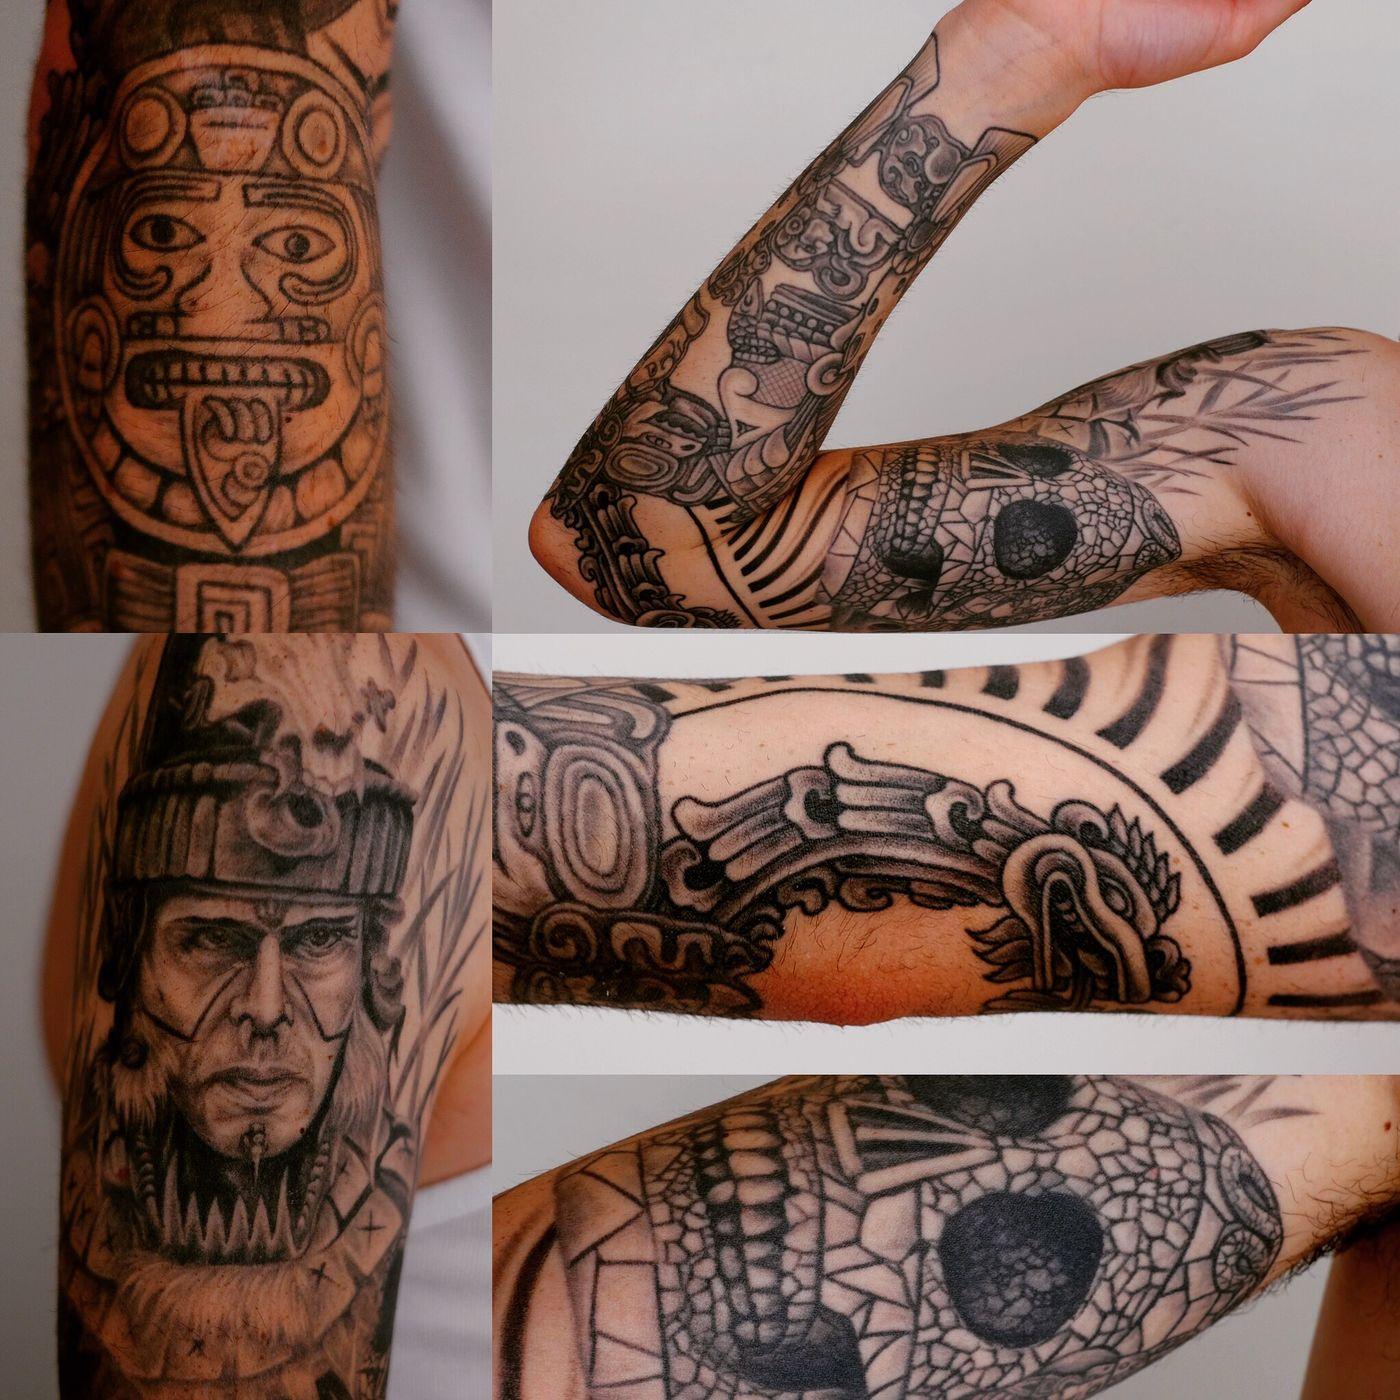 Aztec maya sleeve by Eun-Sen Eun-sen Sin One More Tattoo Onemoretattoo Tattoo Luxembourg Besttattoo Luxembourgtattoo Black And White Aztec Mexico